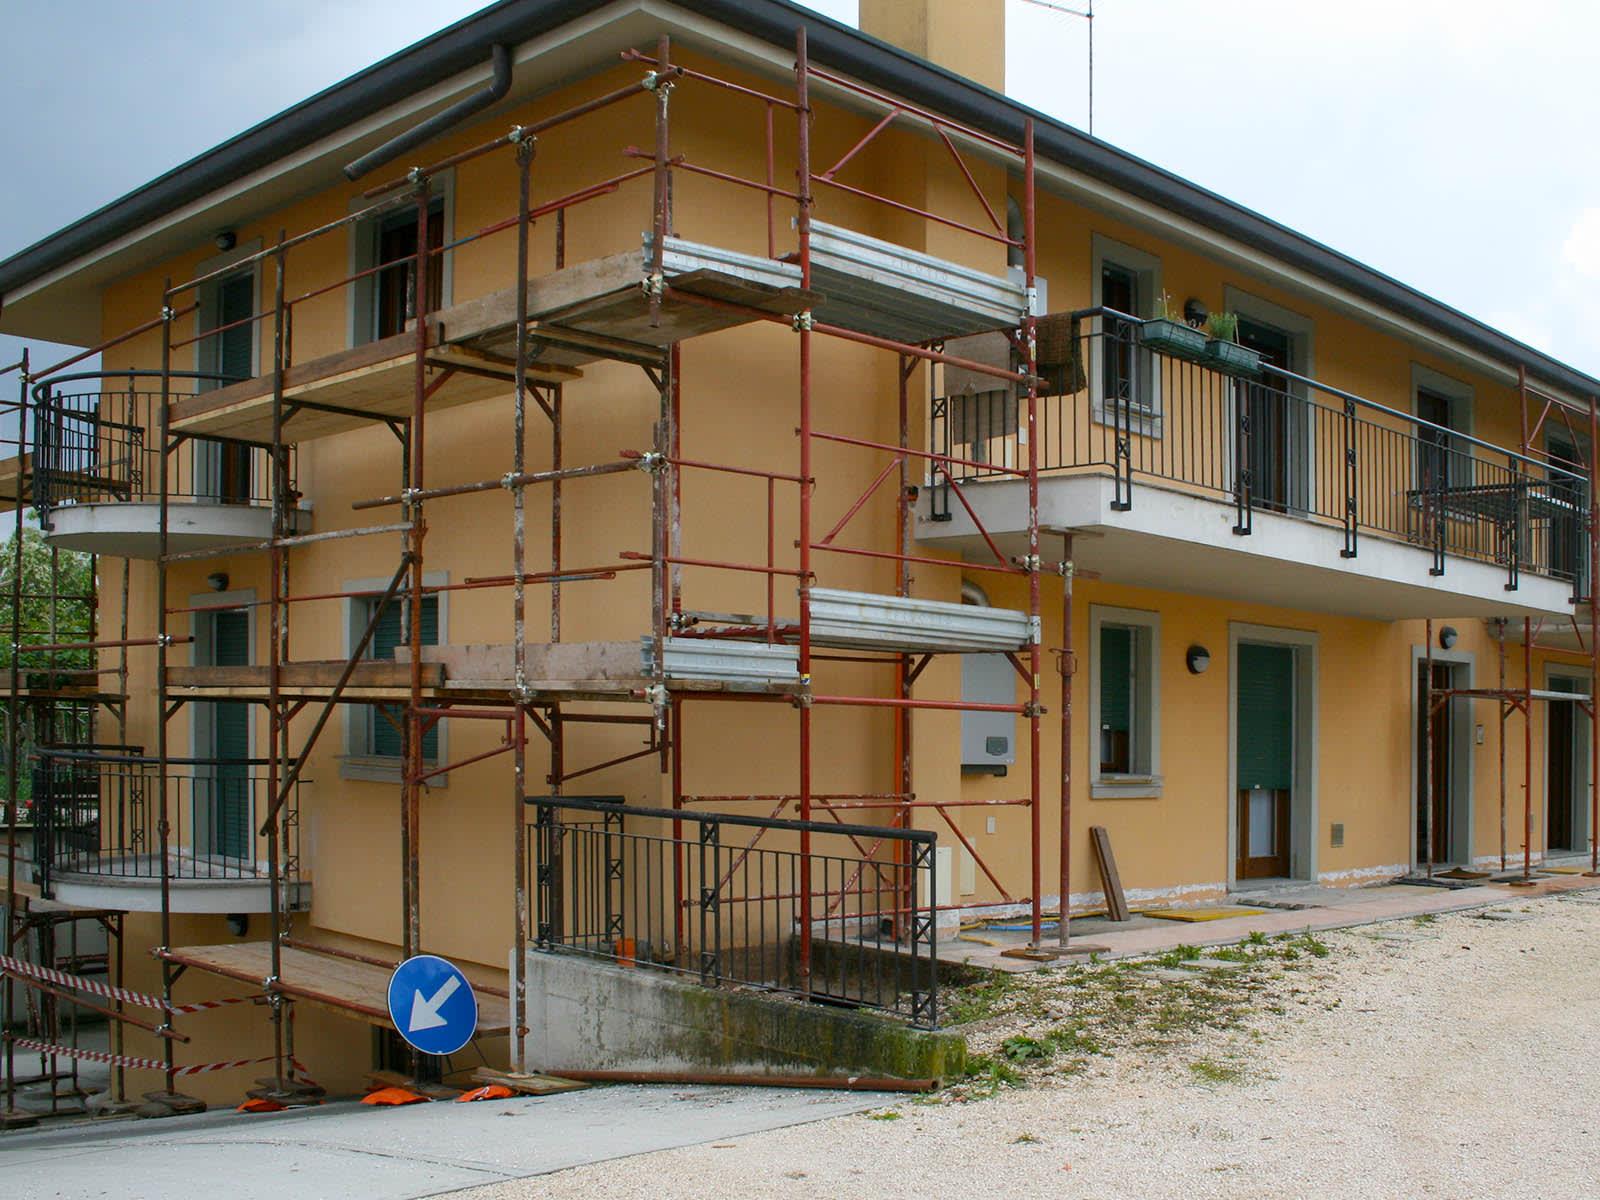 Ristrutturazione casa plurifamigliare Udine